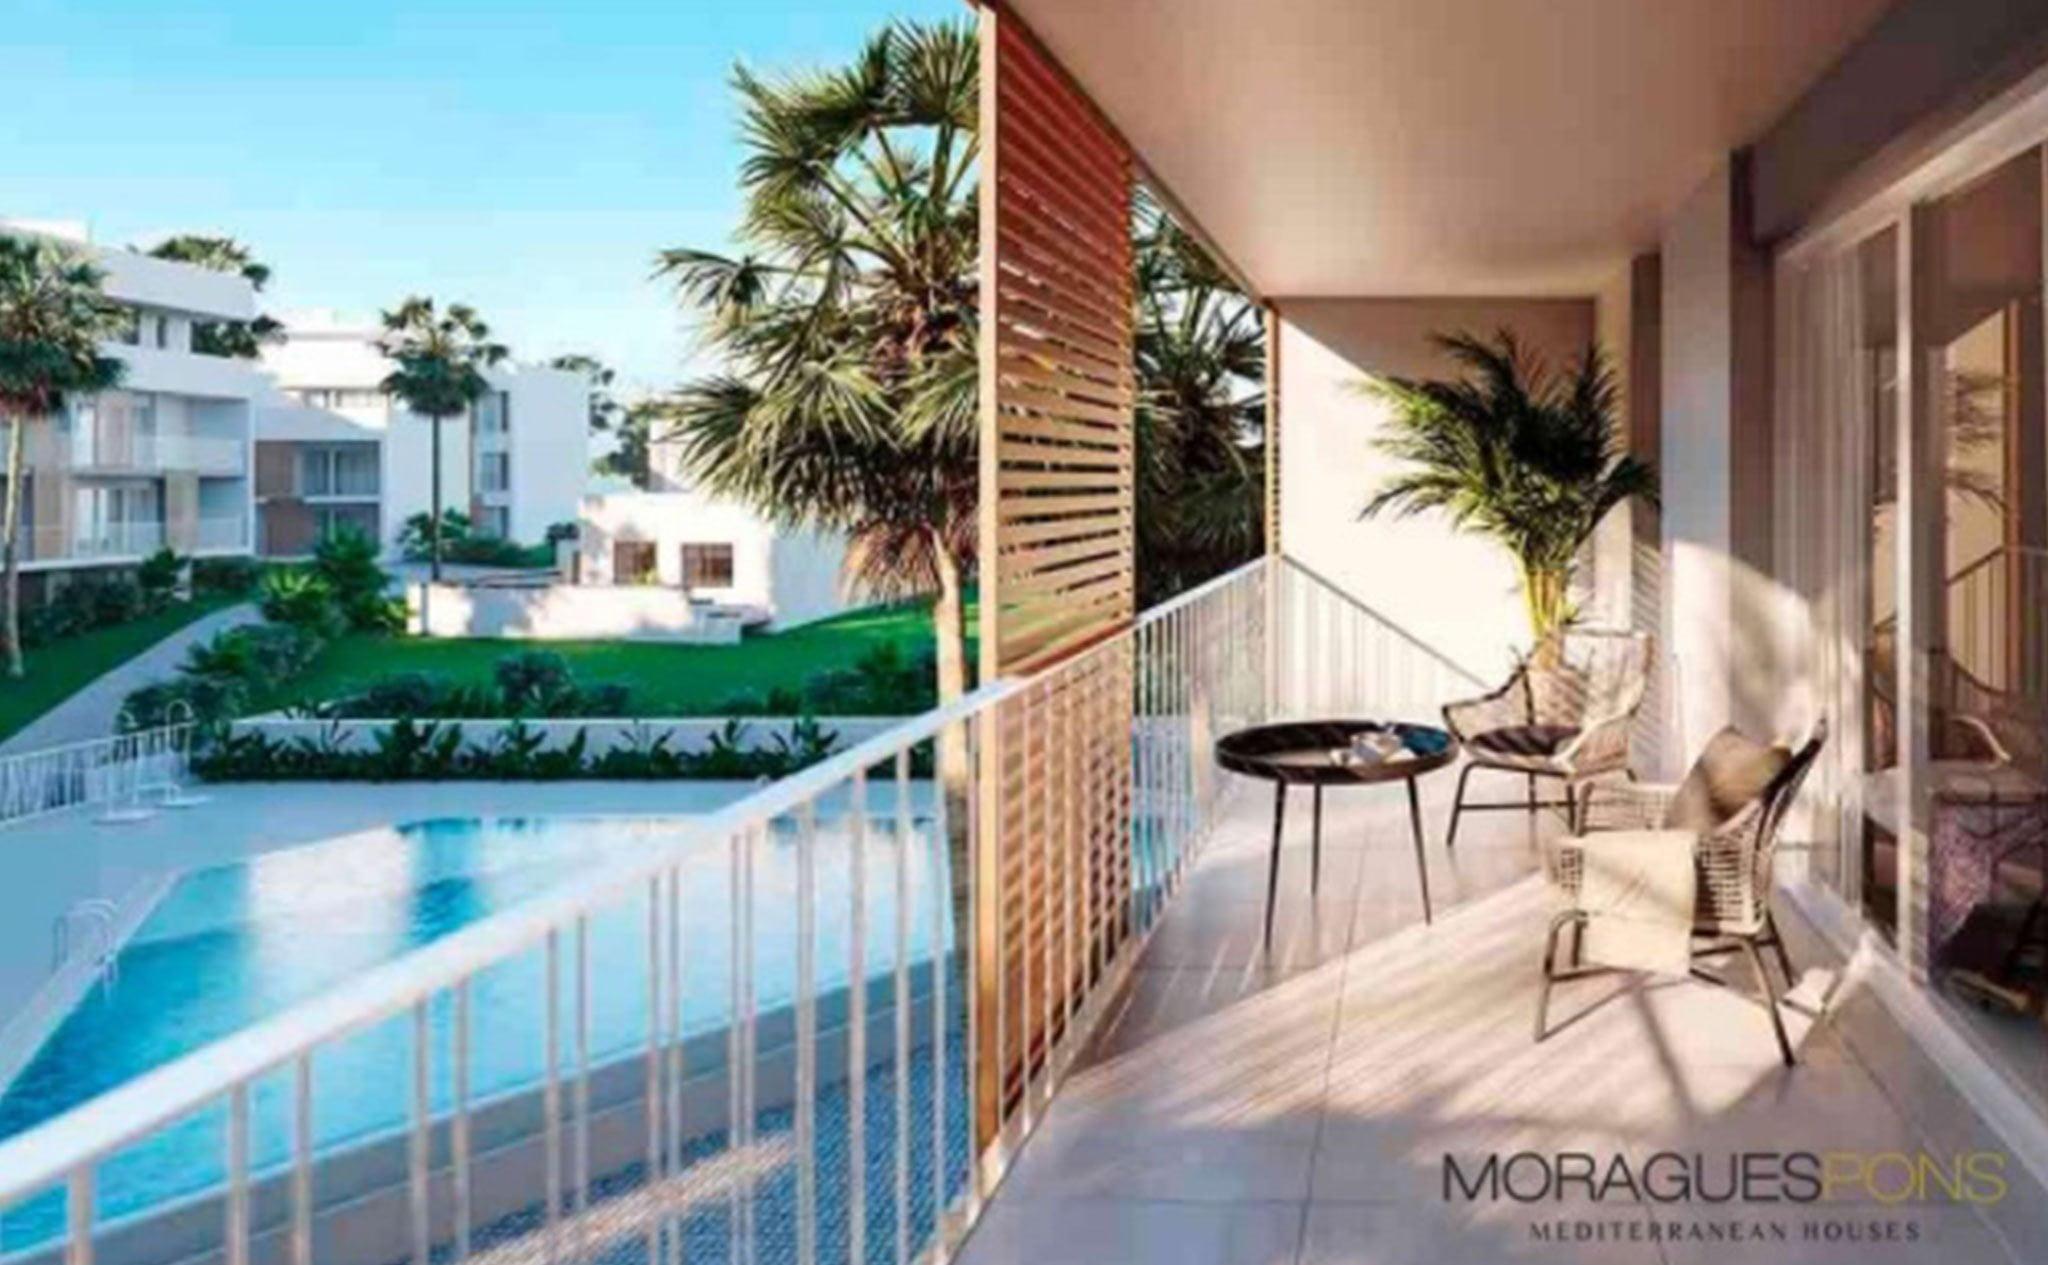 Vistas a la piscina en una vivienda del Residencial Unic, obra nueva en Jávea – MORAGUESPONS Mediterranean Houses